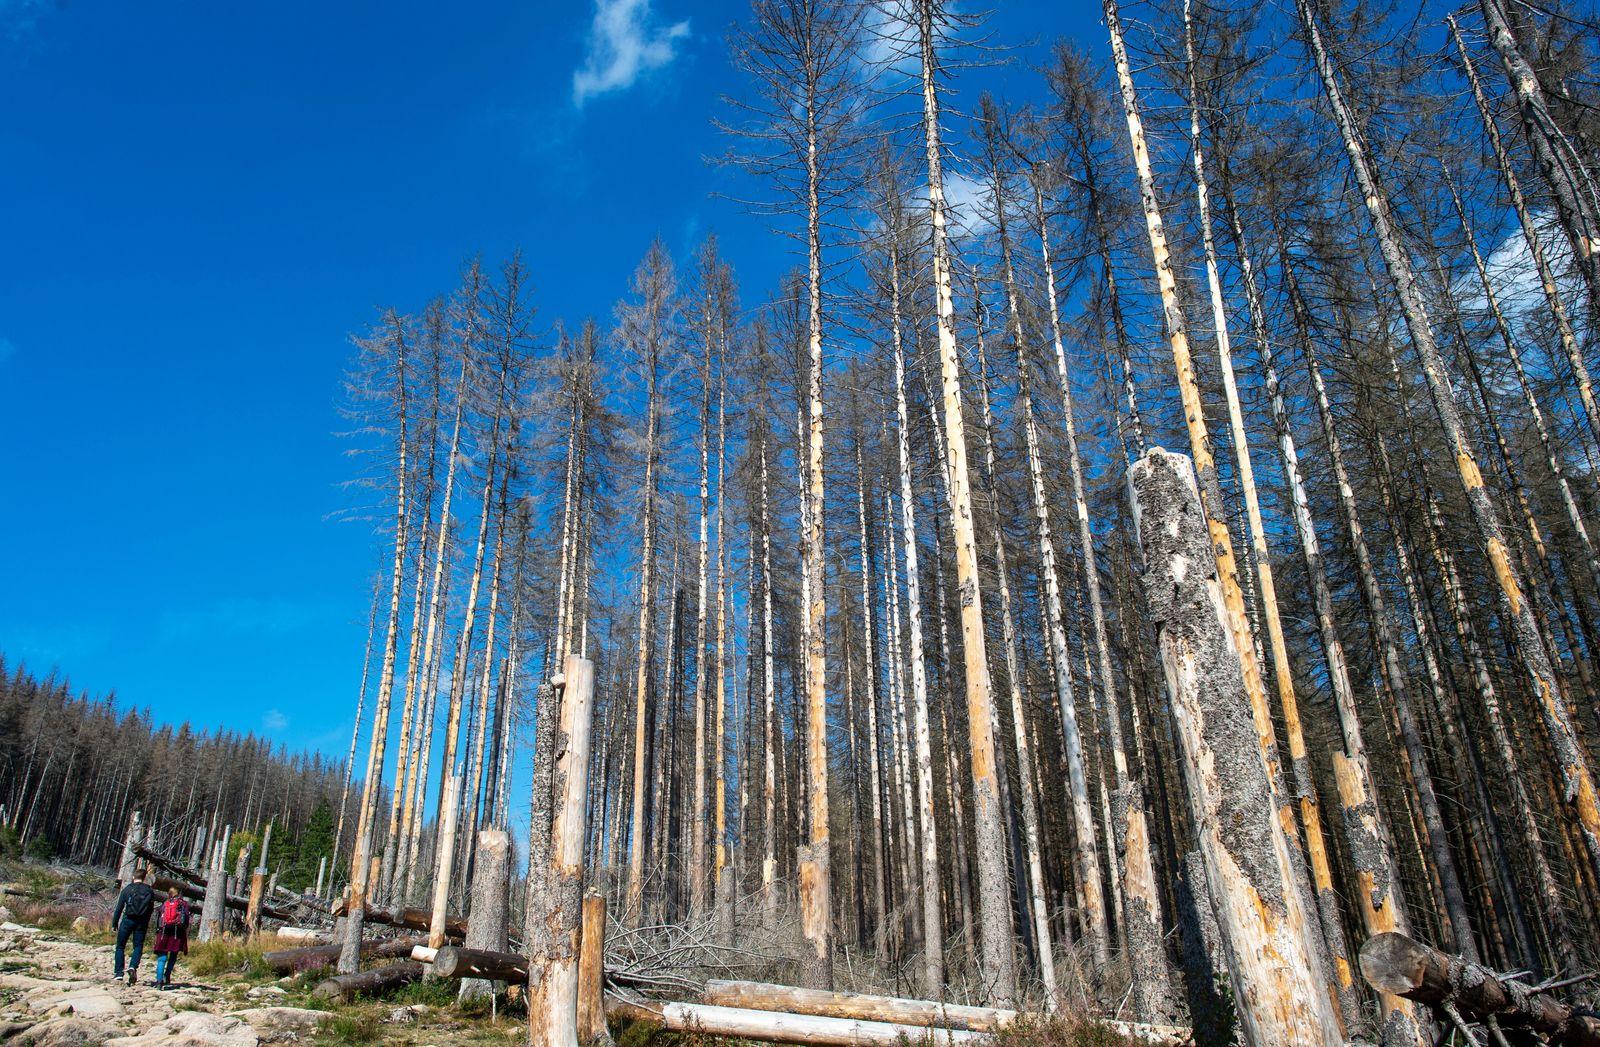 Ministerin und Forstleute stellenForderungen